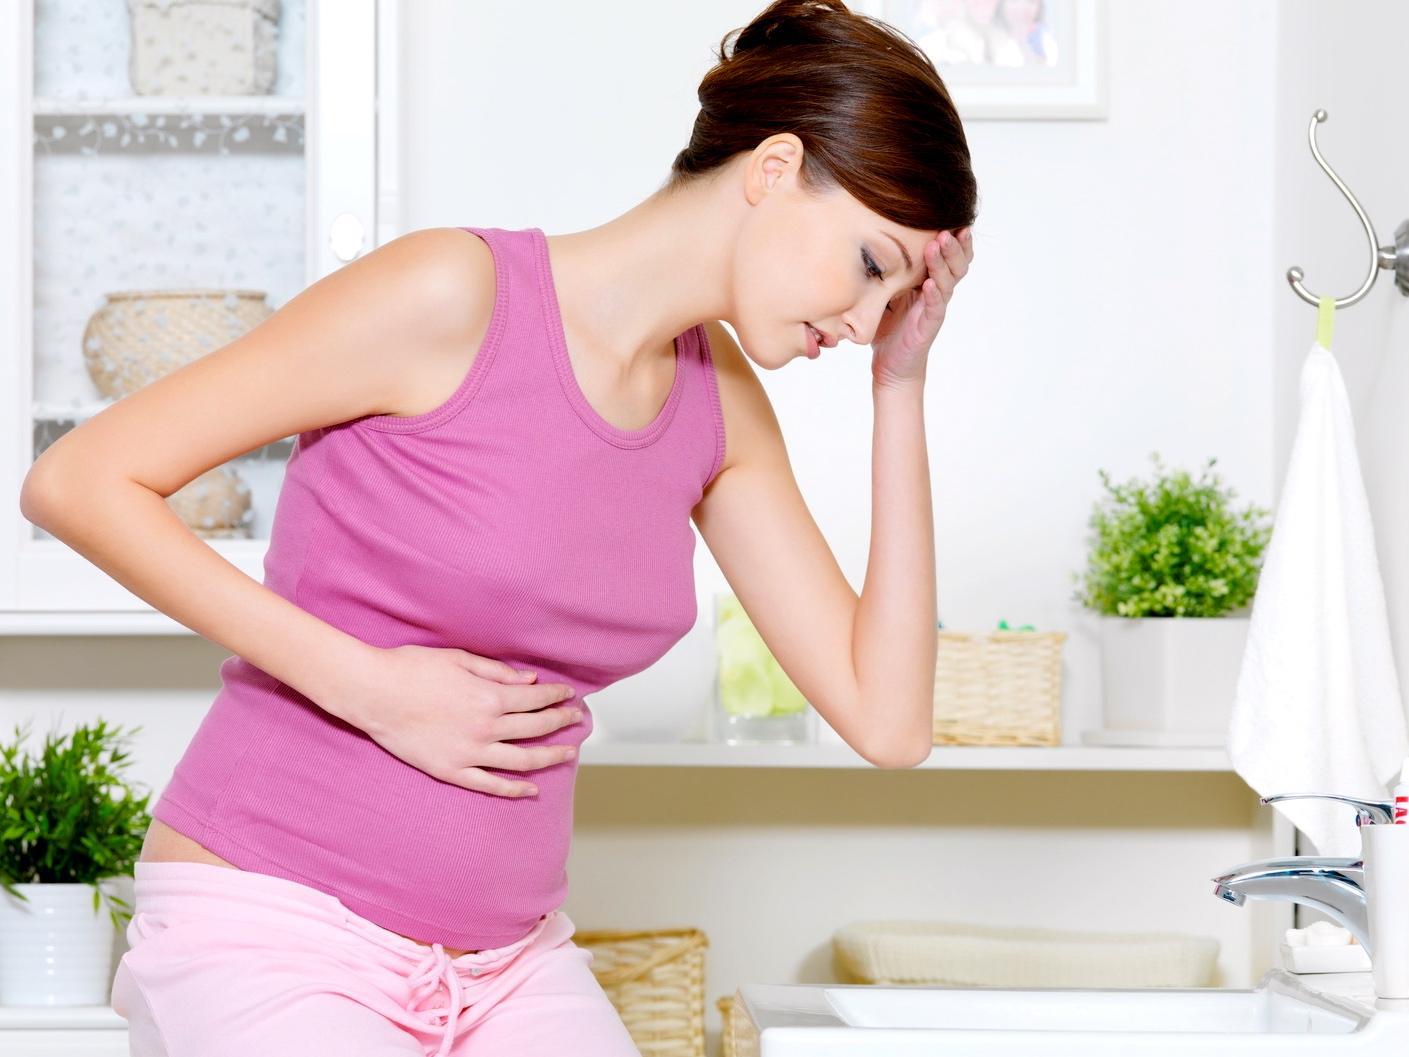 Dolori da ciclo in gravidanza: perché si manifestano? Quali sono le cause?